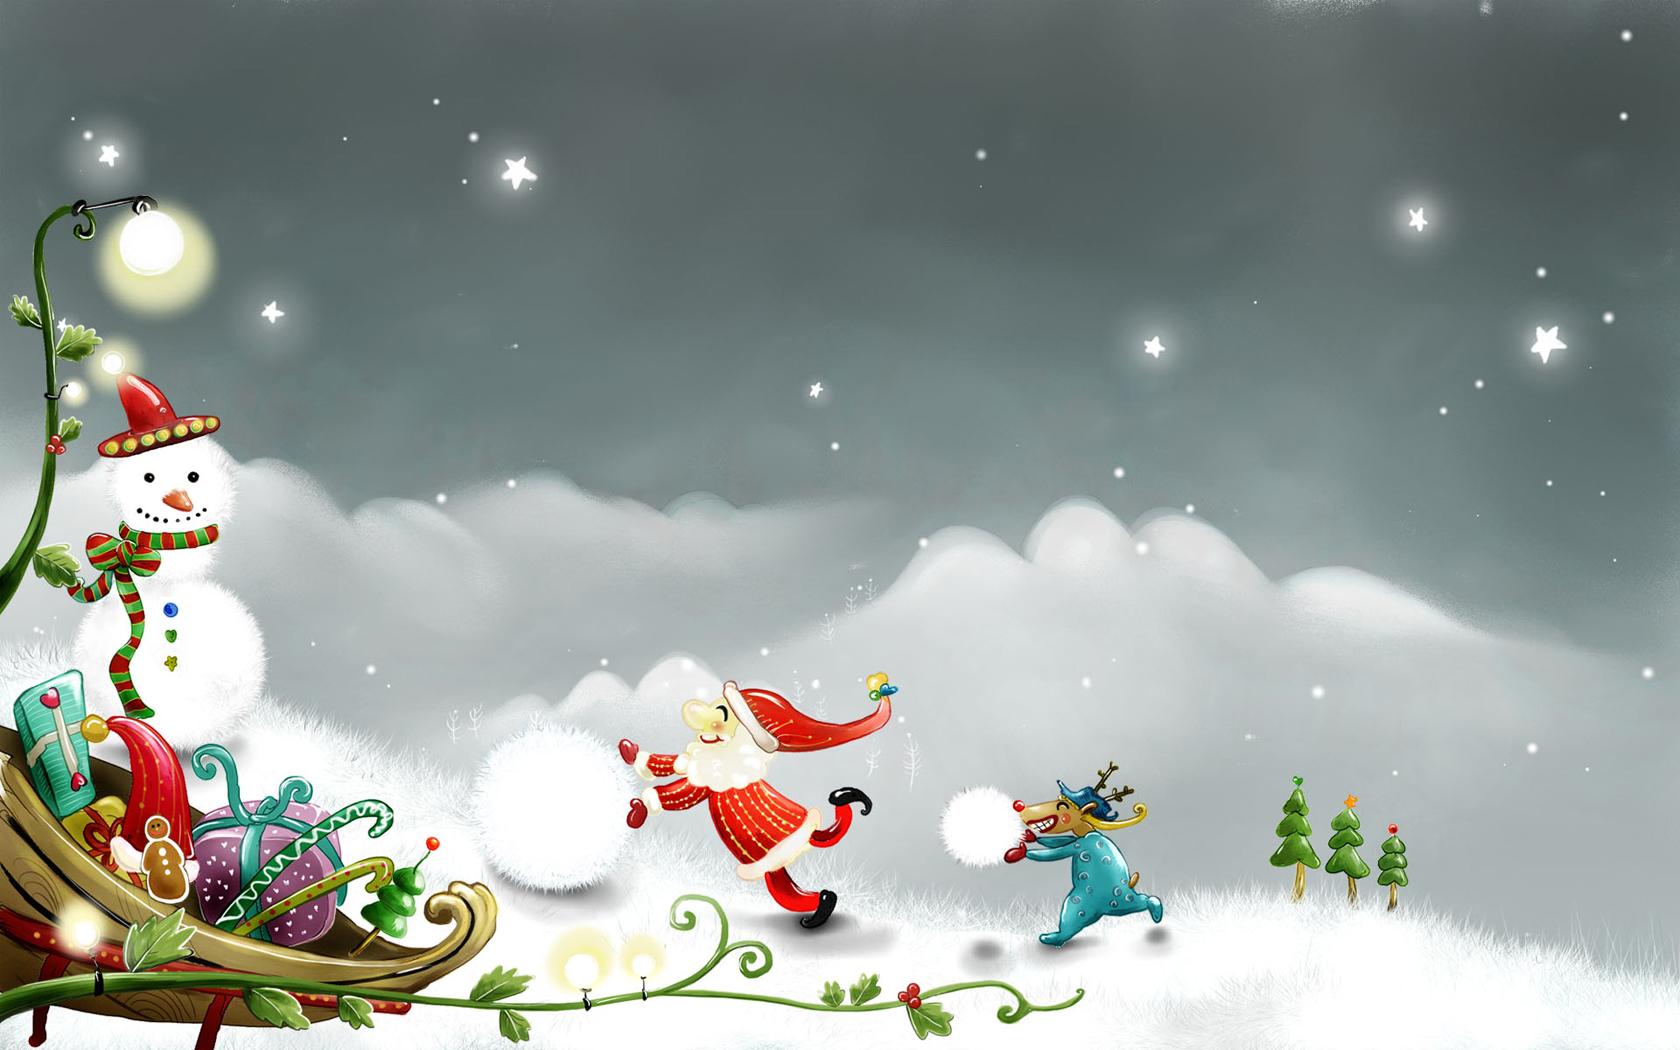 Winter Christmas Desktop Backgrounds #10696 Wallpaper | Wallpaper hd